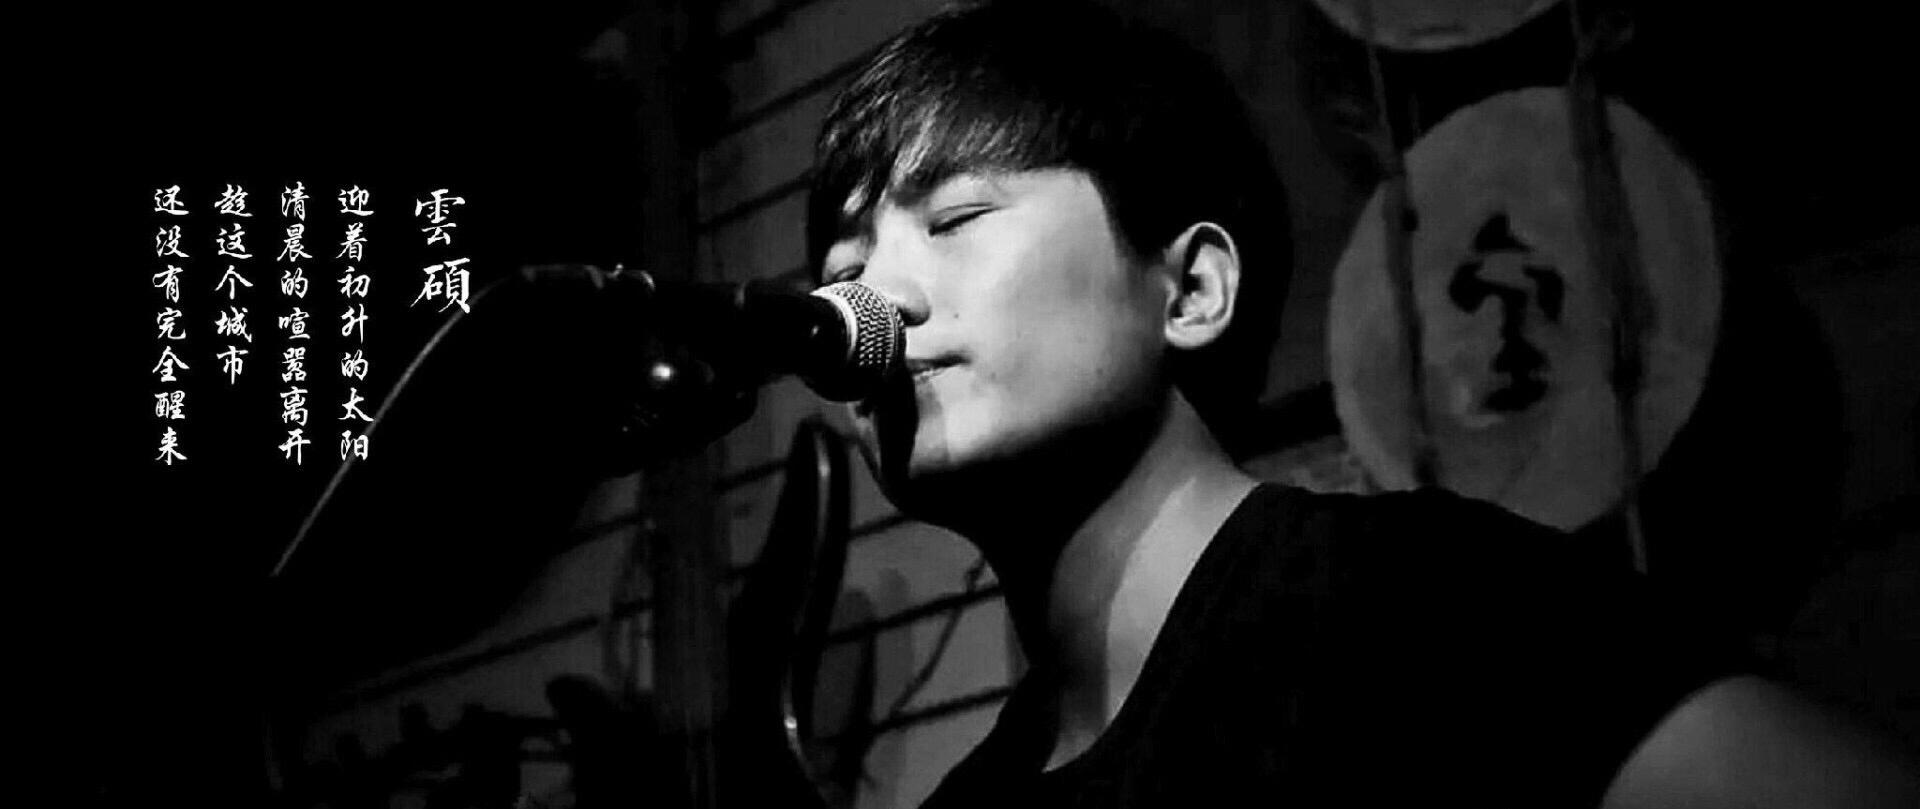 他借生活的嗓子唱了一首形式之上现实之下的诗——访独立音乐人云硕